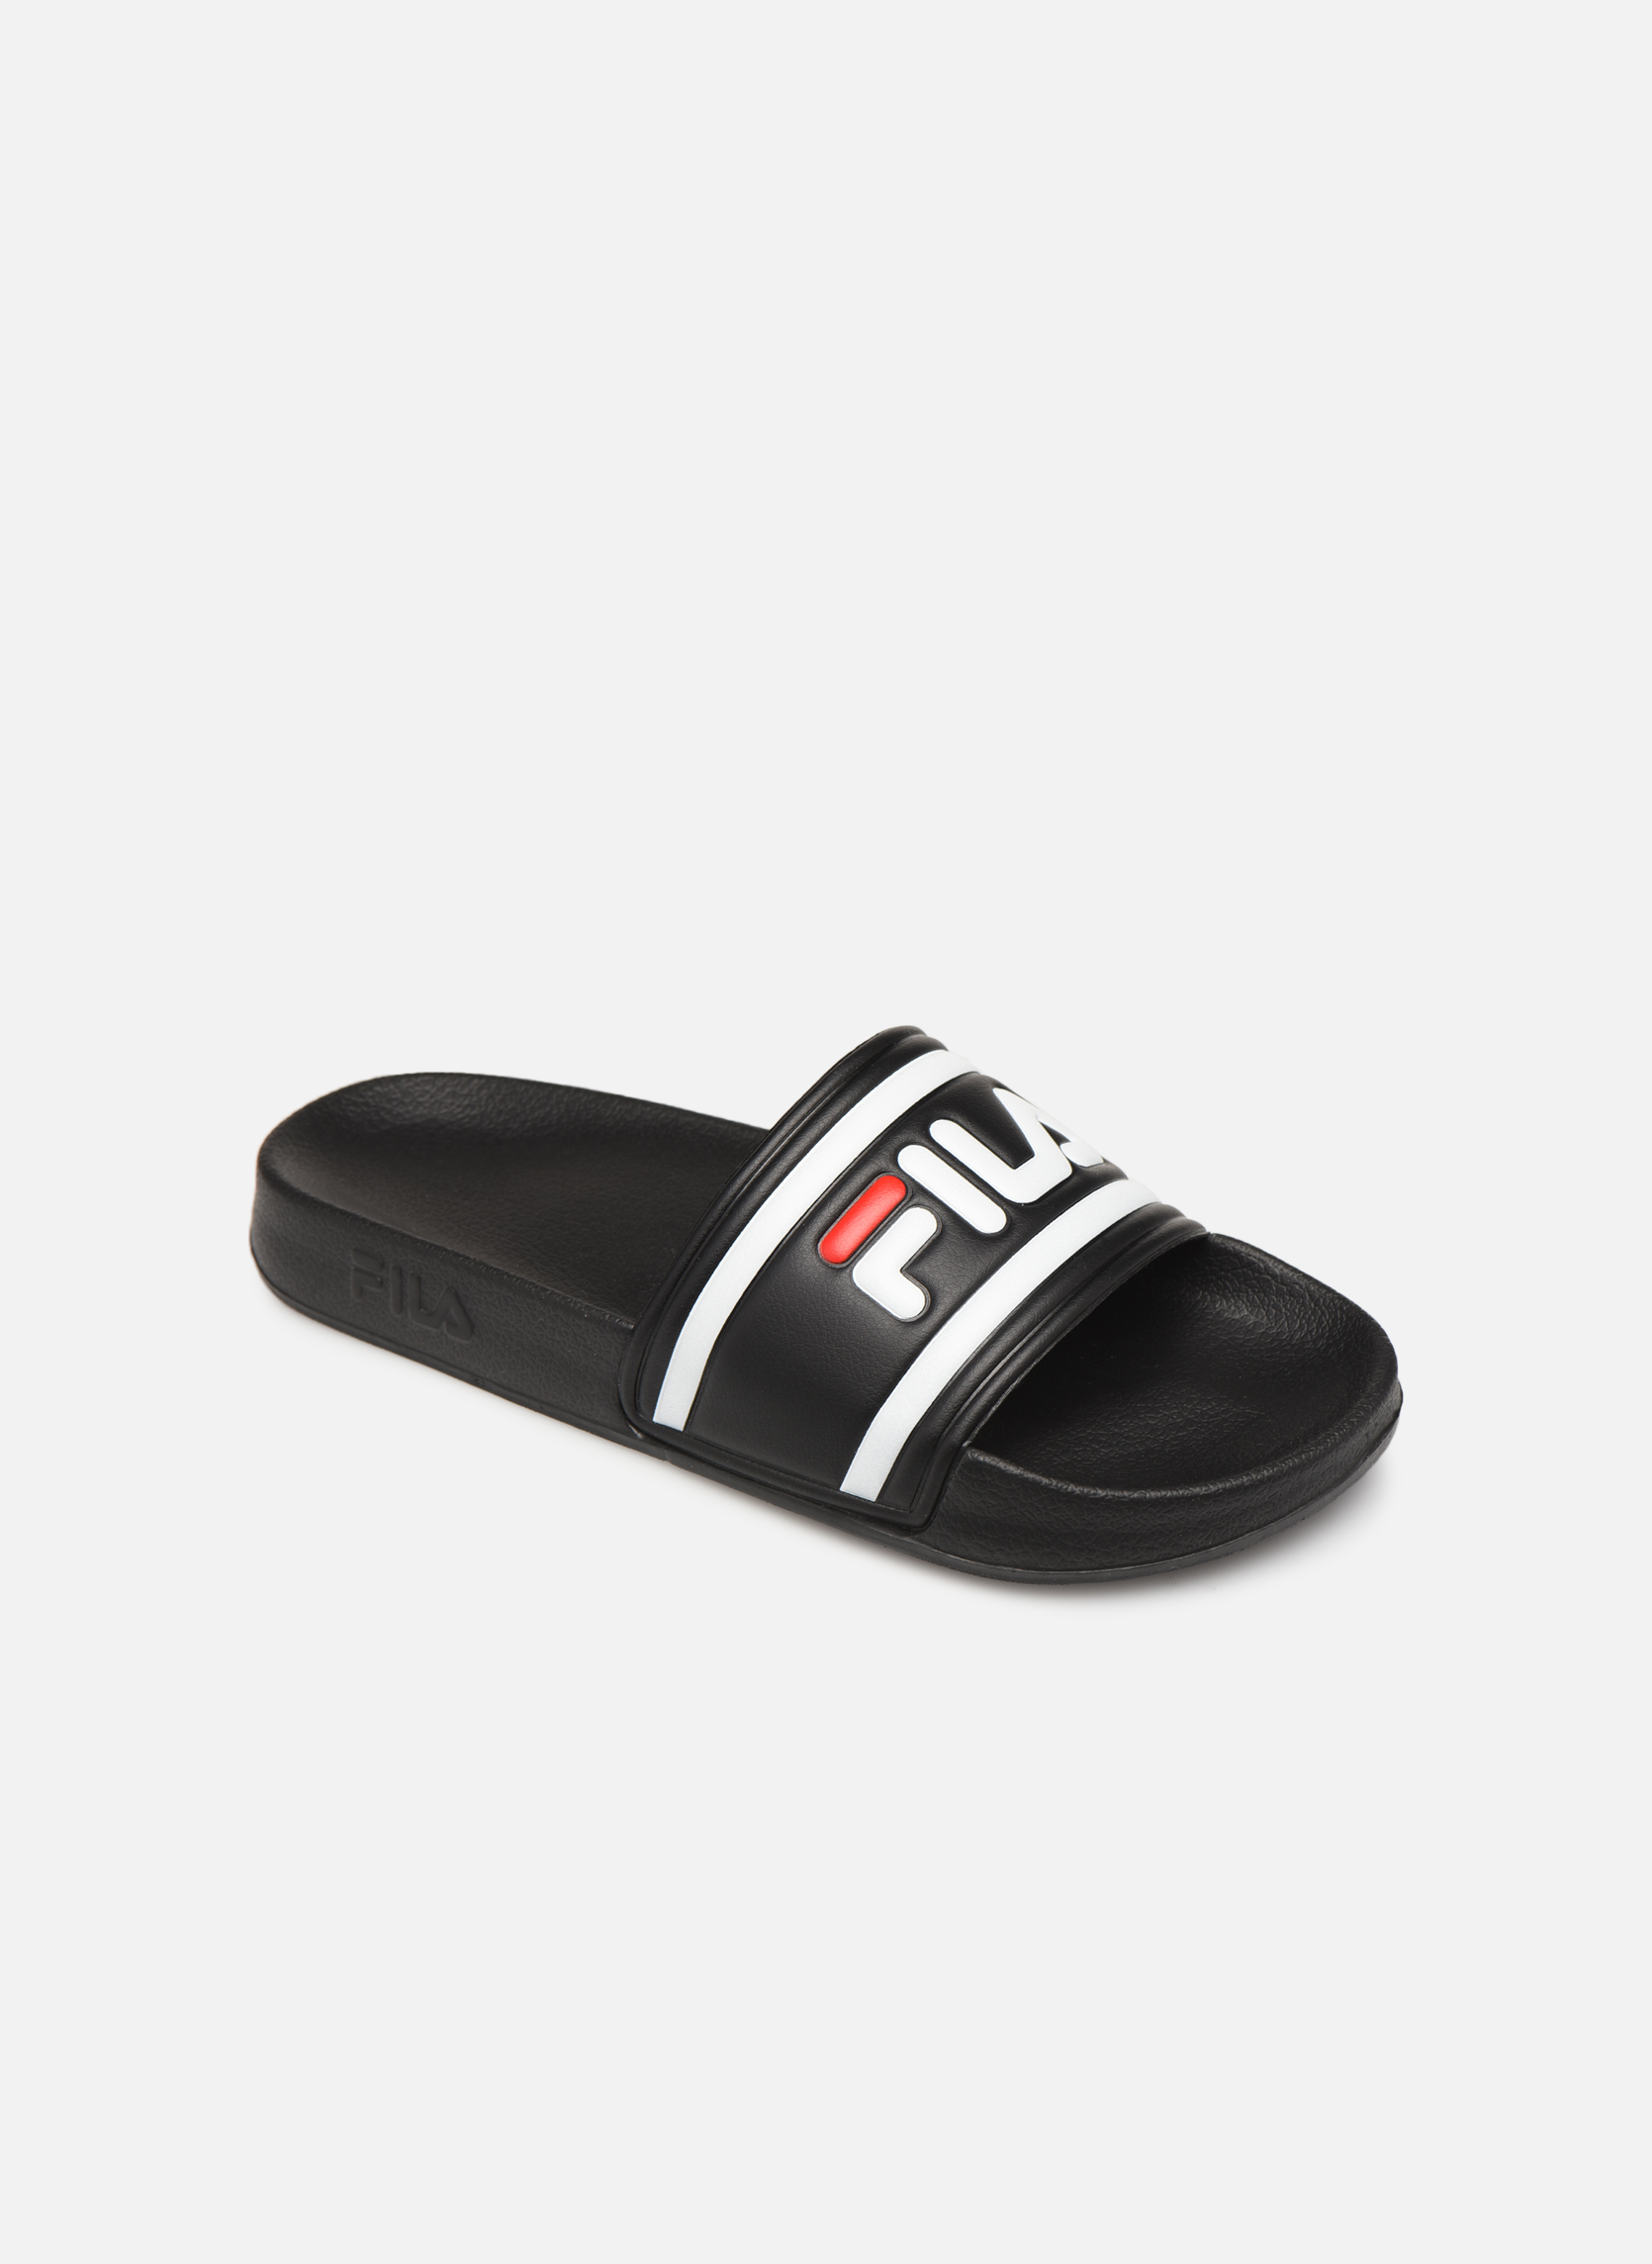 c6168a8a7c1 Où trouver des chaussures Fila à Strasbourg